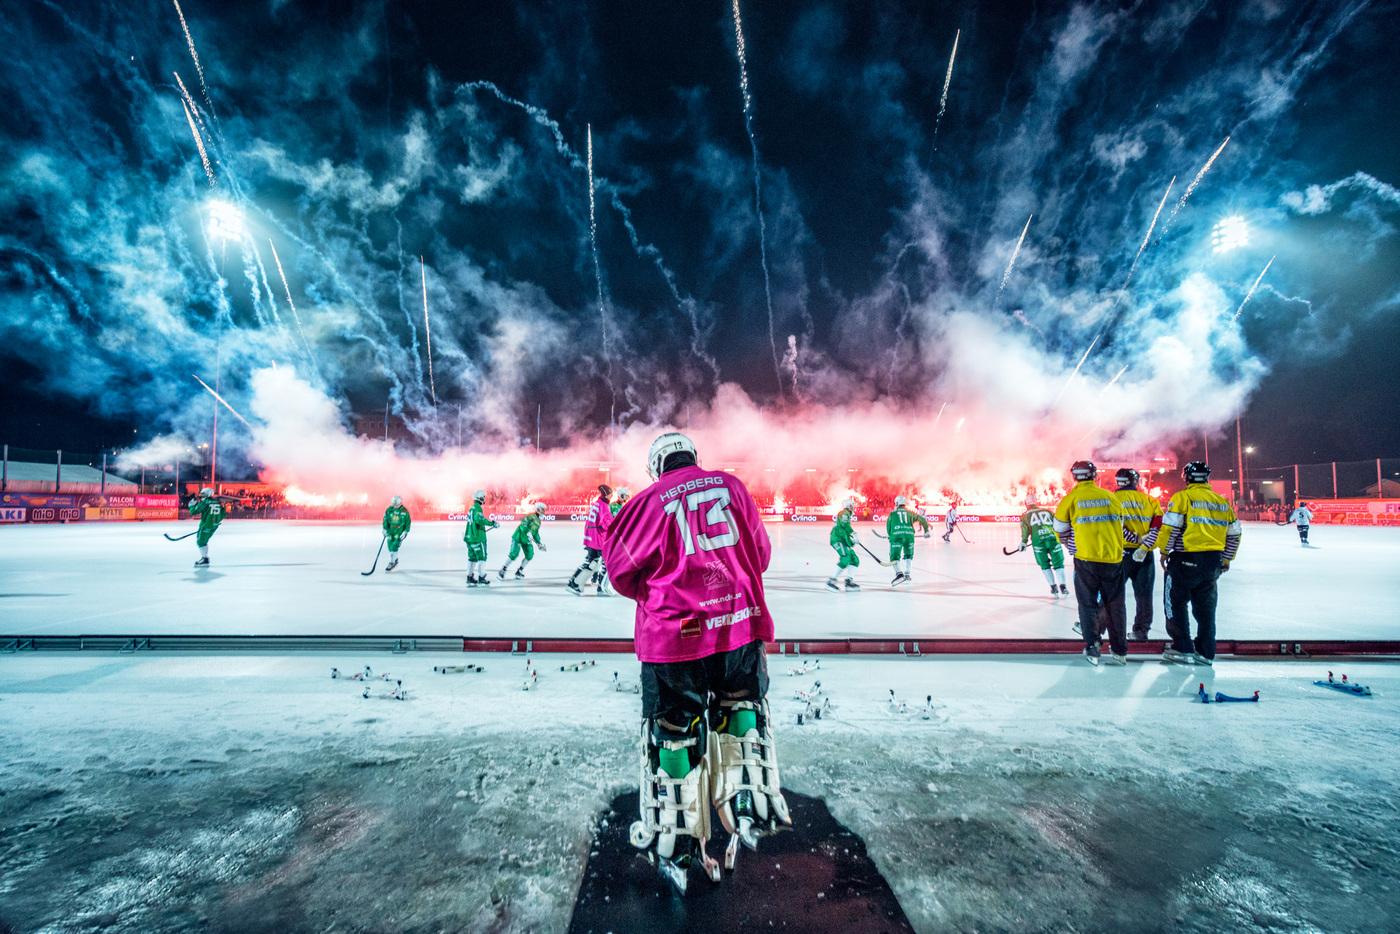 Romus Ramström - Årets Bandyfotograf 2018, 2019